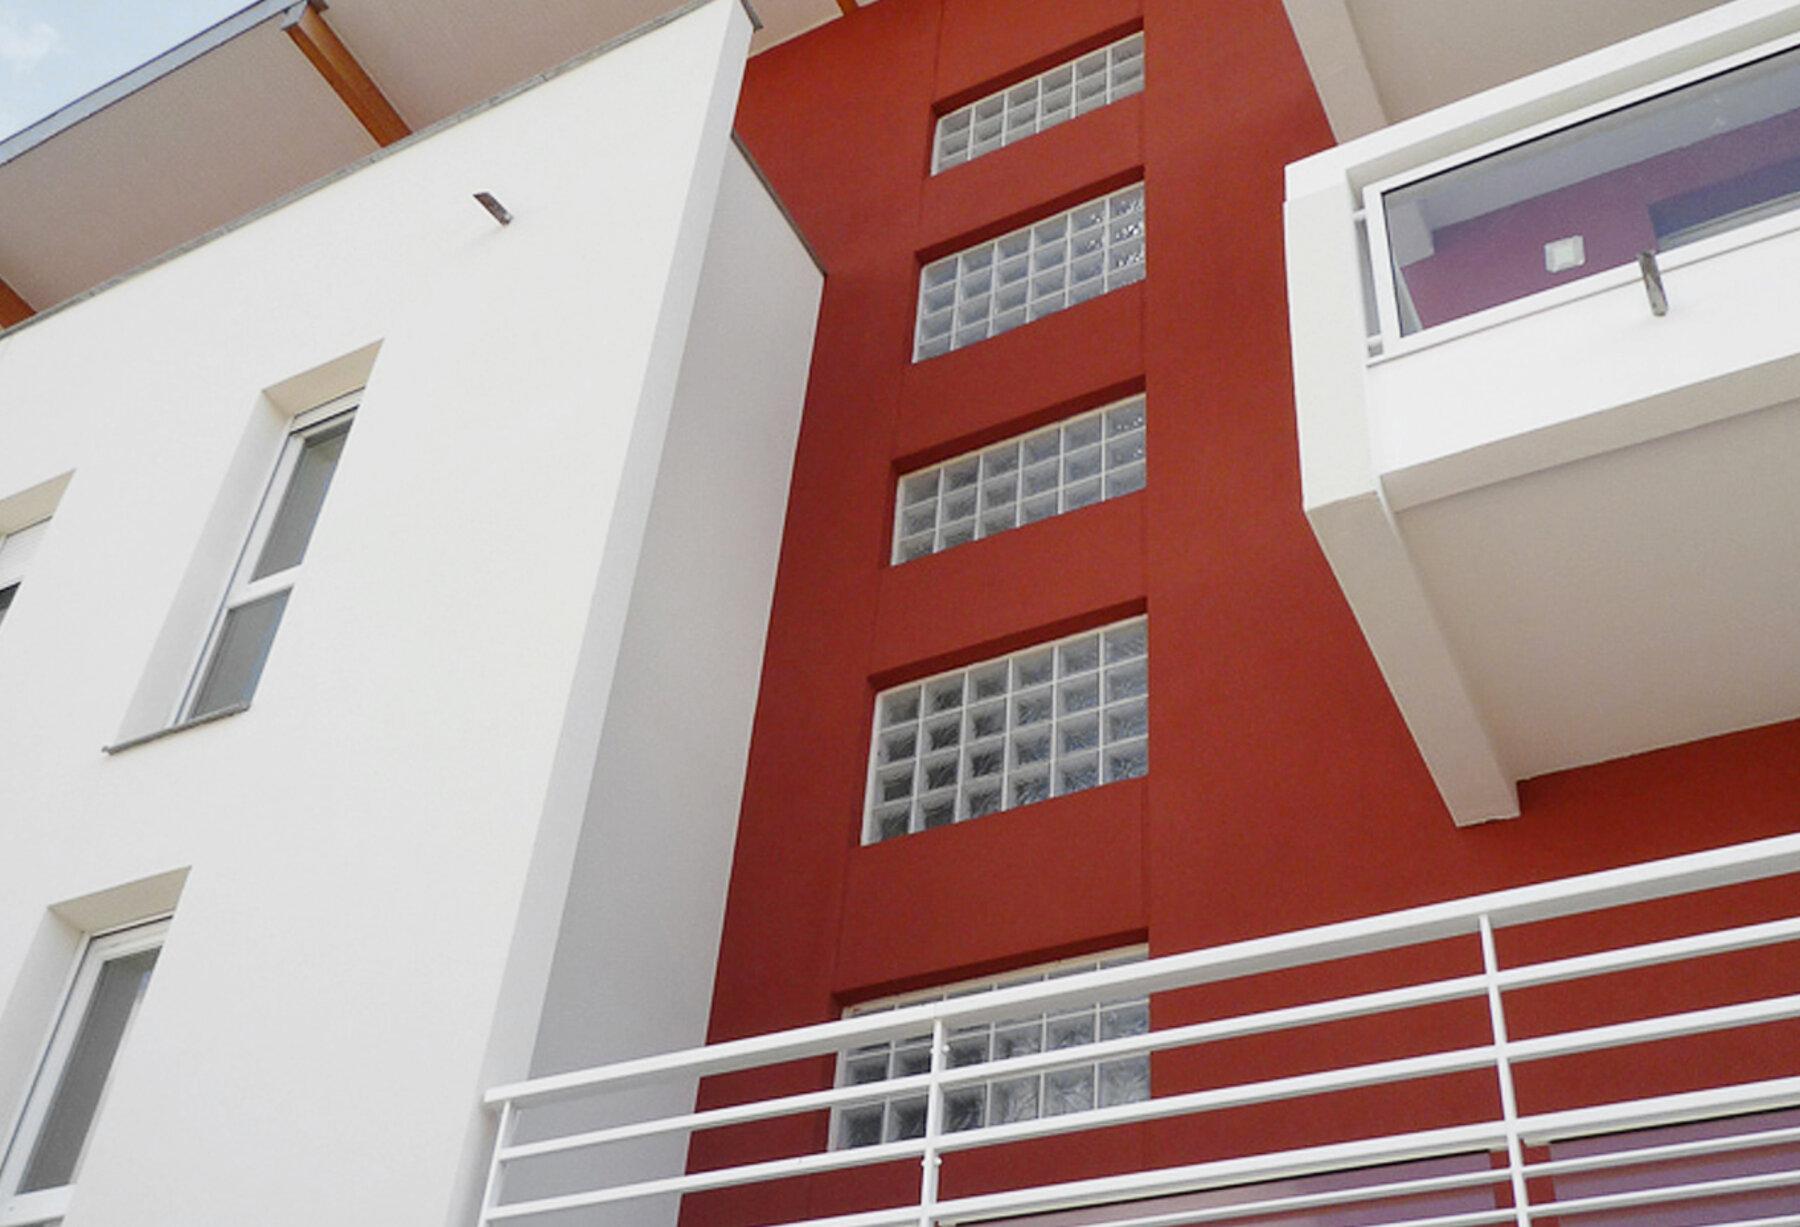 Construction neuve - Logements collectifs par un architecte Archidvisor